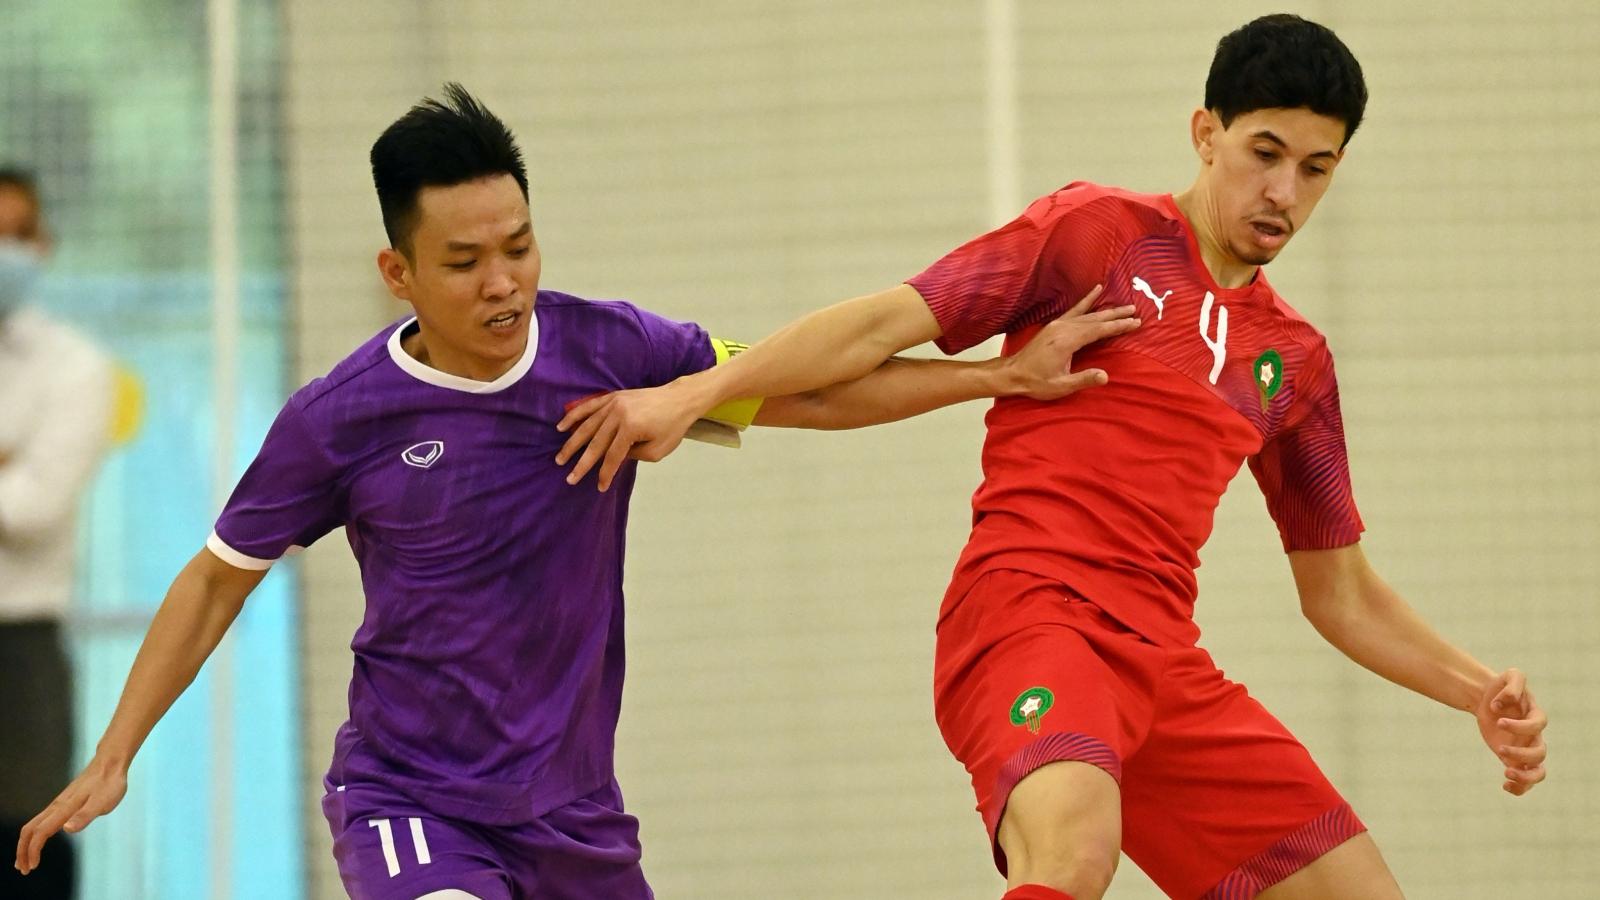 Đội trưởng Trần Văn Vũ: ĐT Futsal Việt Nam đã sẵn sàng đối đầu Brazil